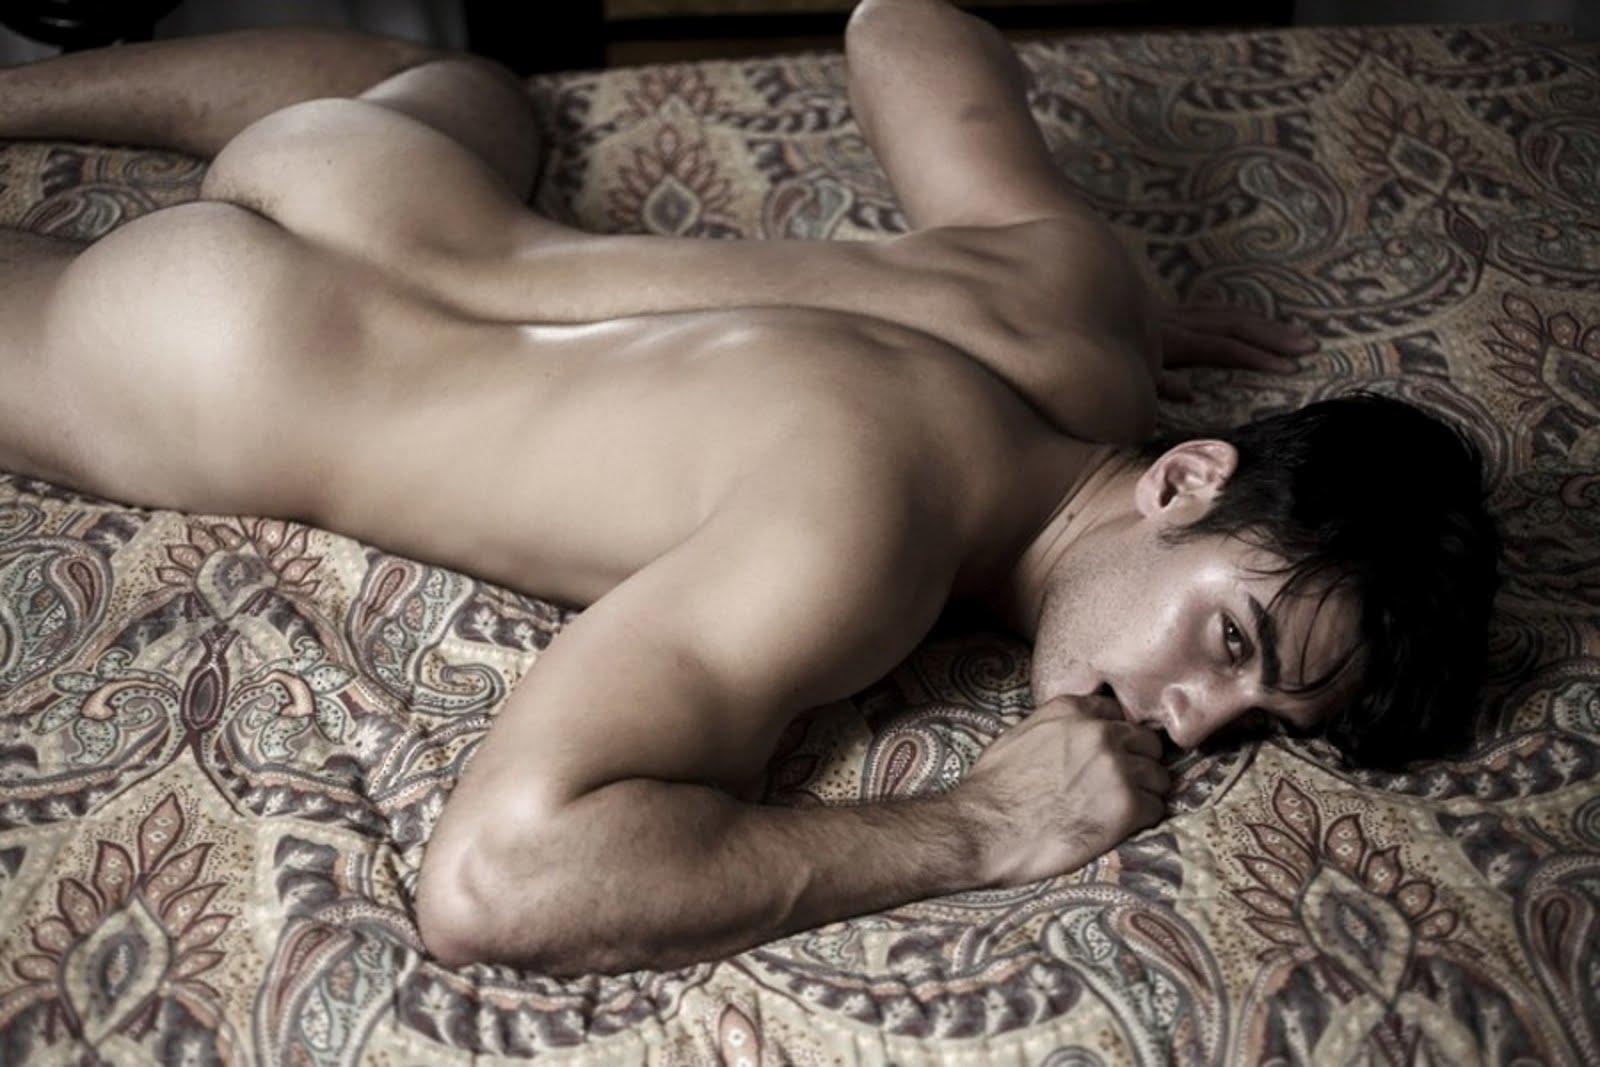 места можно спящий голый мужчина возможно